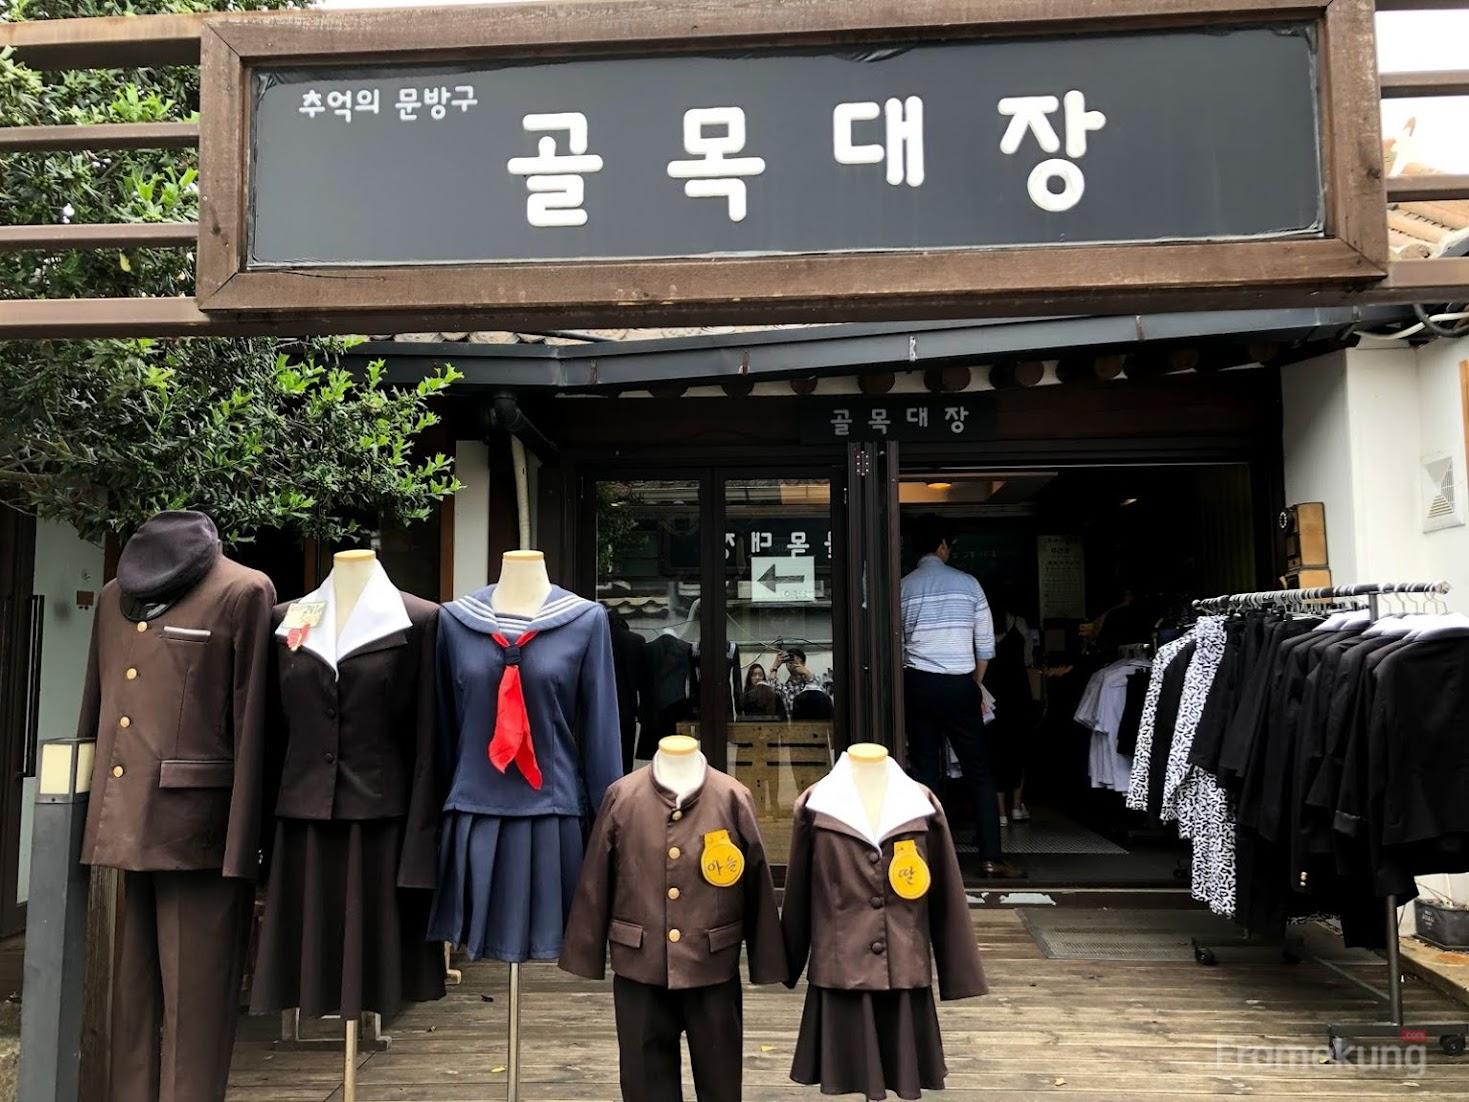 เช่าชุดนักเรียนเกาหลี 골목대장